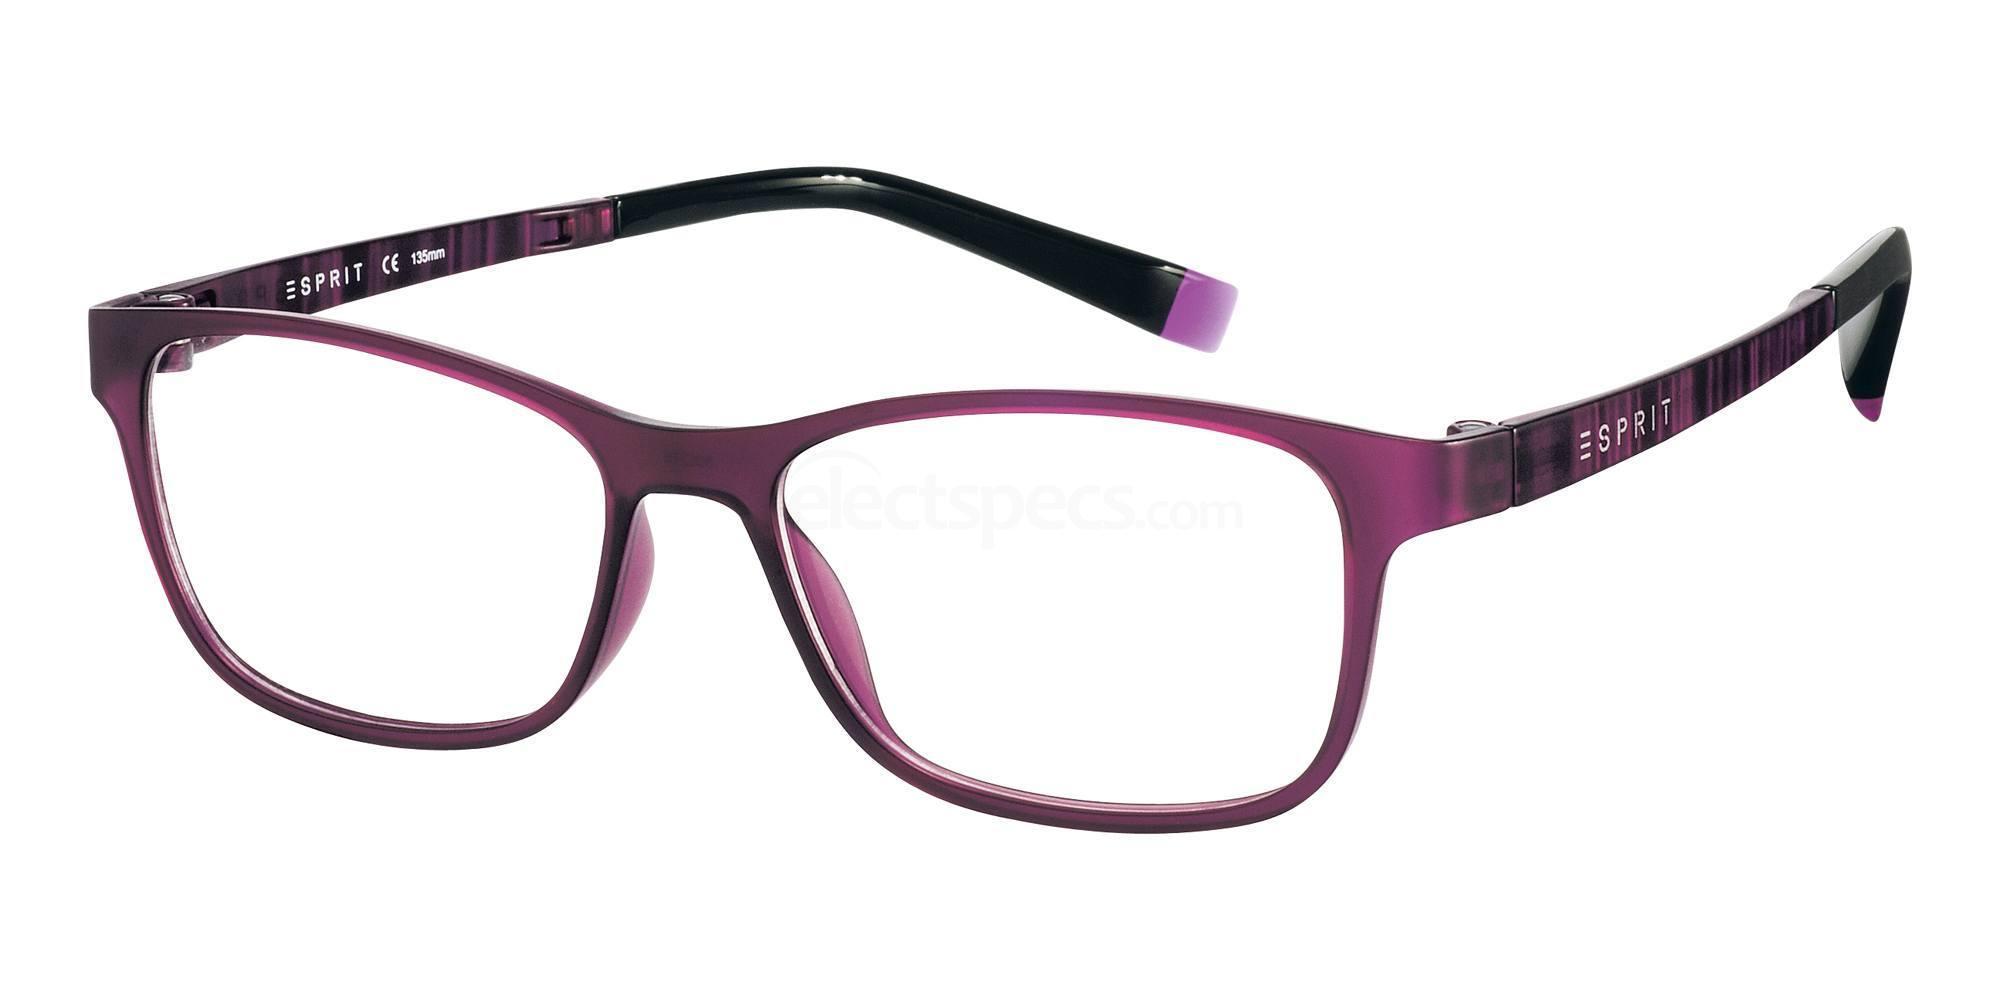 534 ET17457 Glasses, Esprit